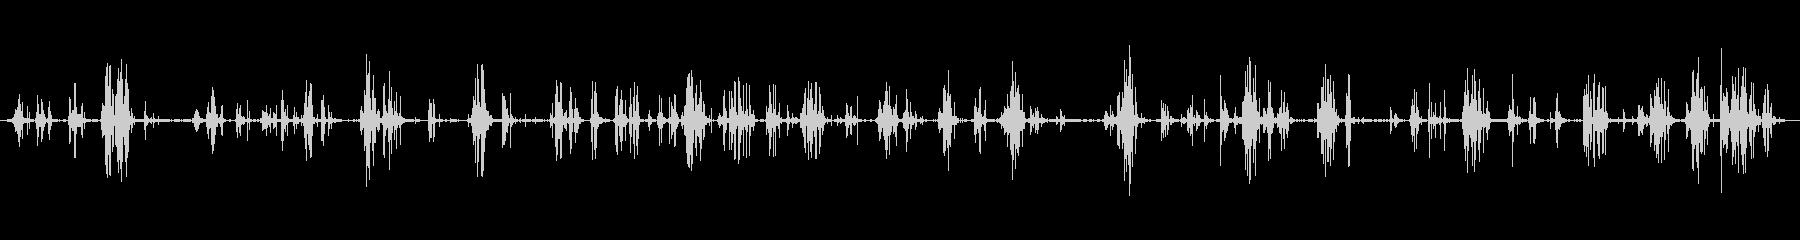 ヘビー、シックマッドポットバブル、...の未再生の波形